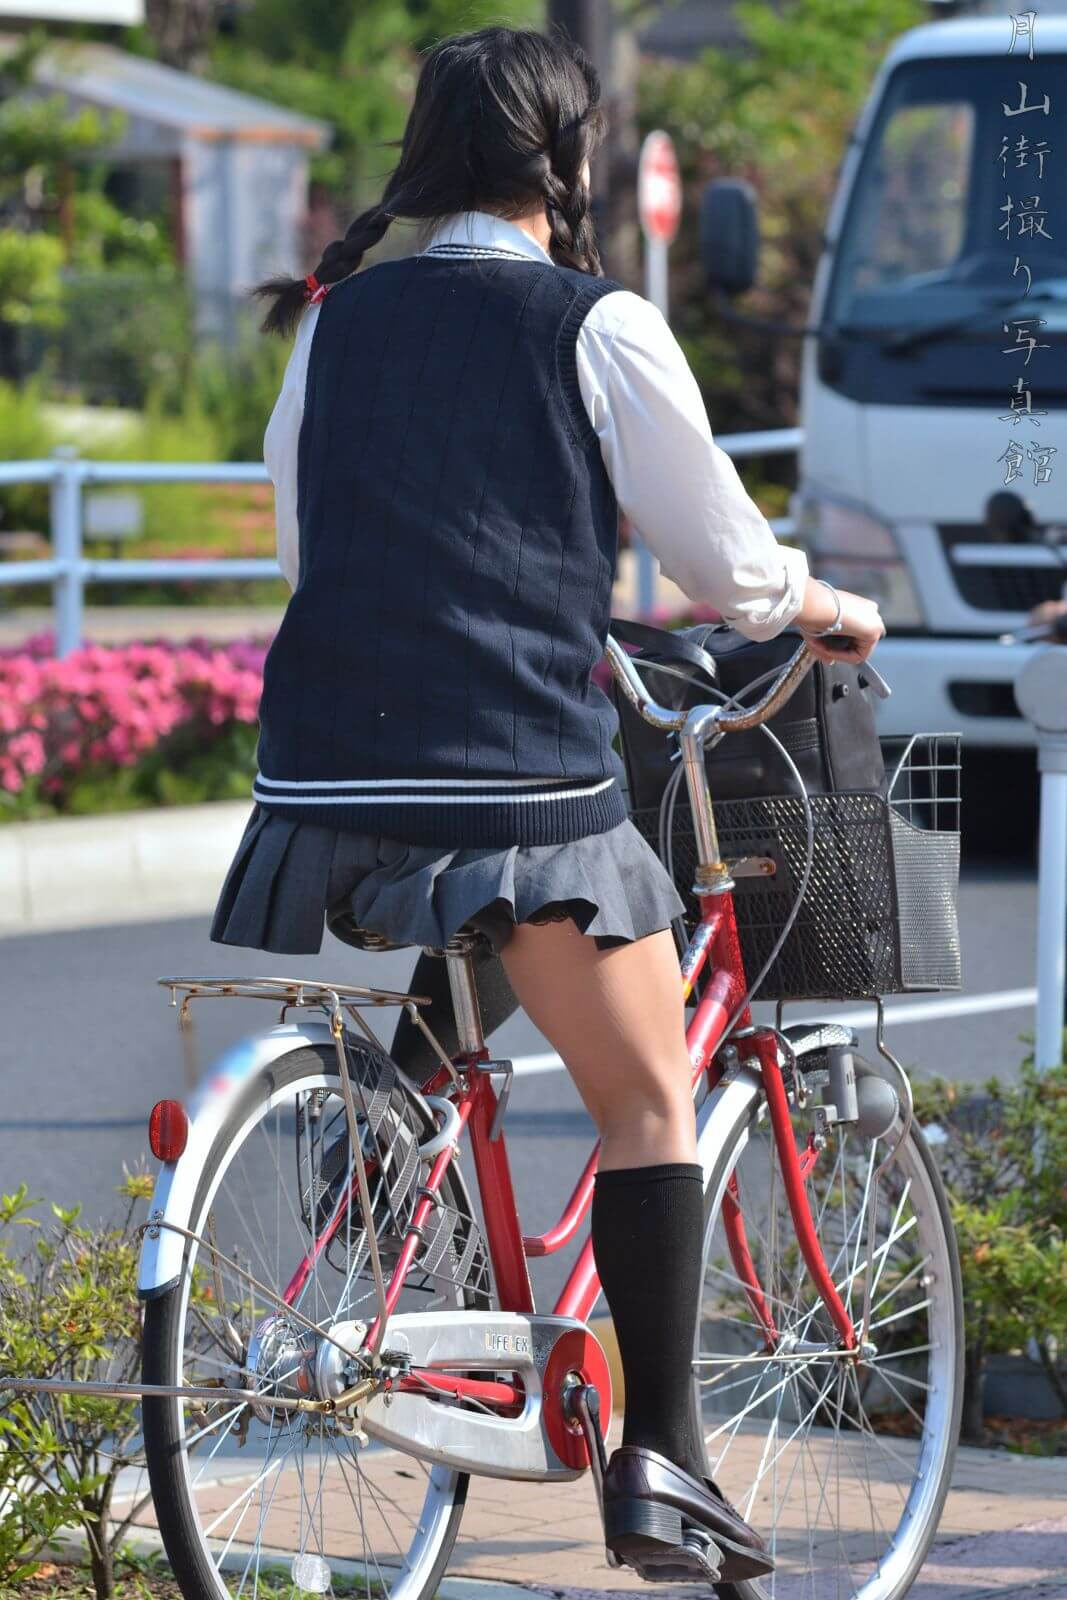 【画像】女子高生と自転車すれ違う時にそっと匂い楽しみ奴www